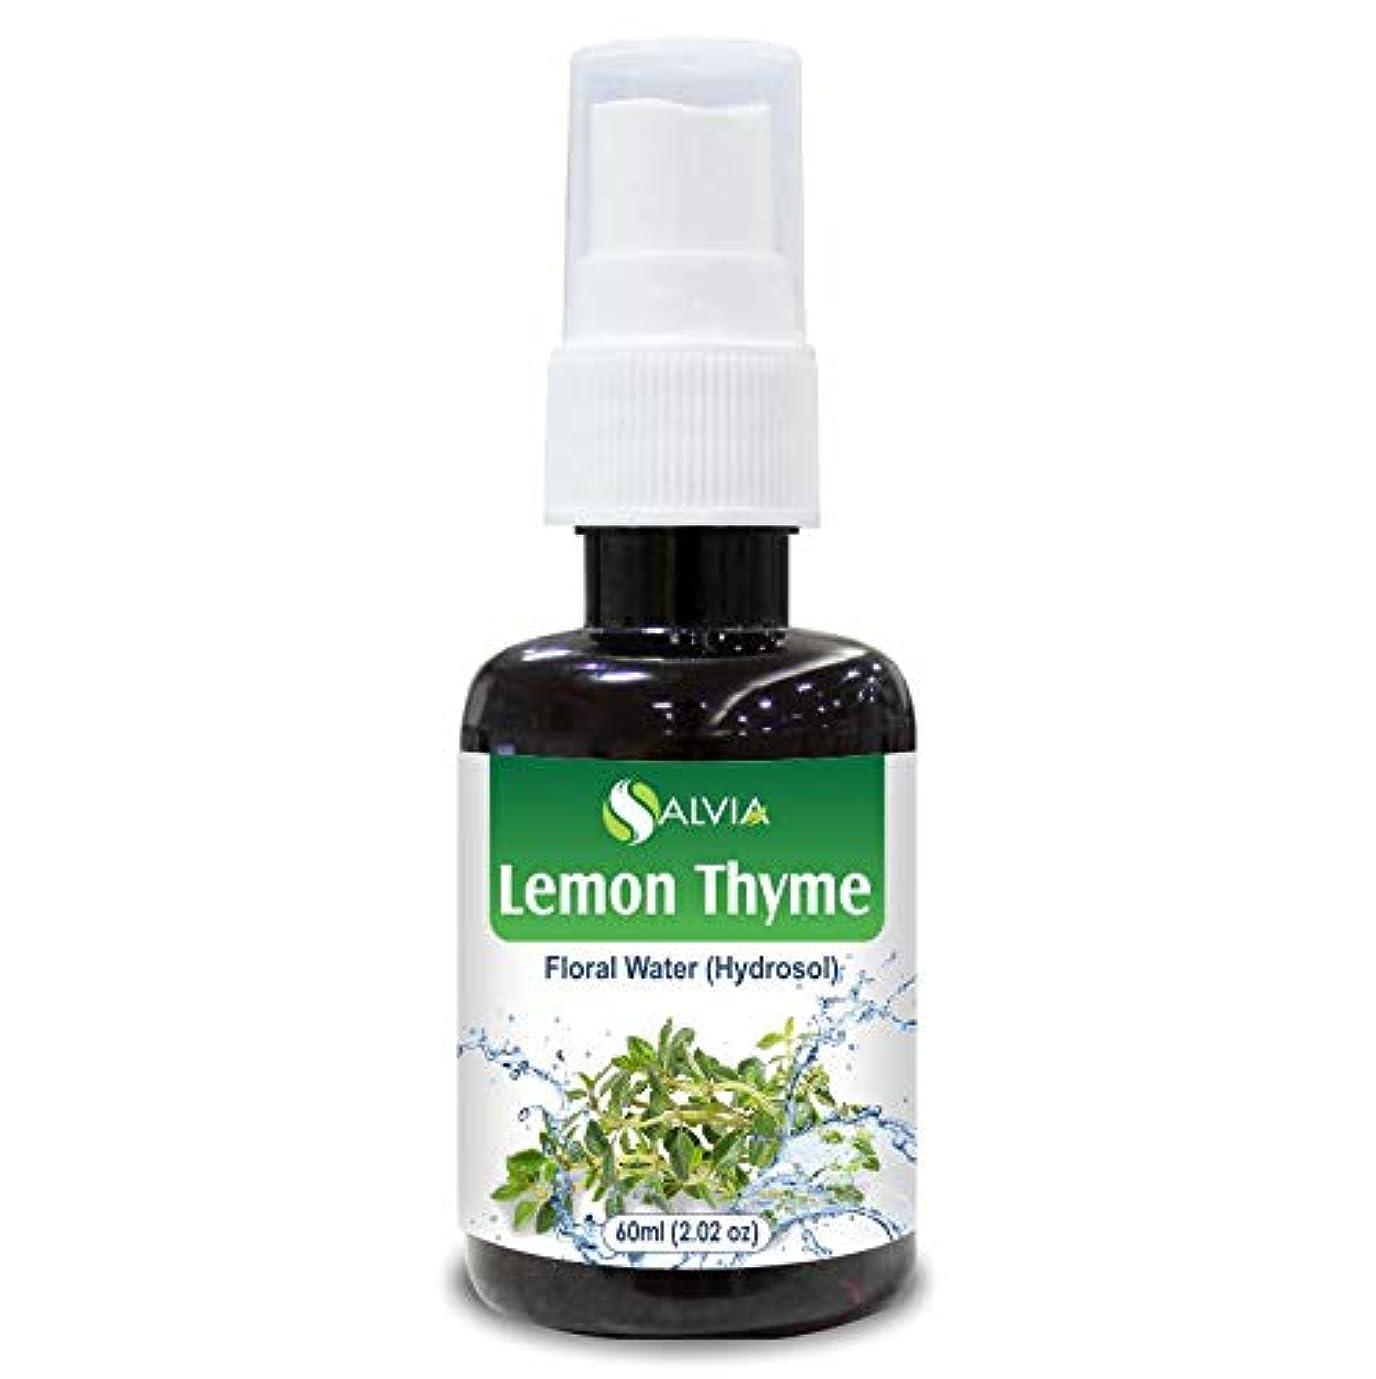 代替勇敢な集めるLemon Thyme Floral Water 60ml (Hydrosol) 100% Pure And Natural